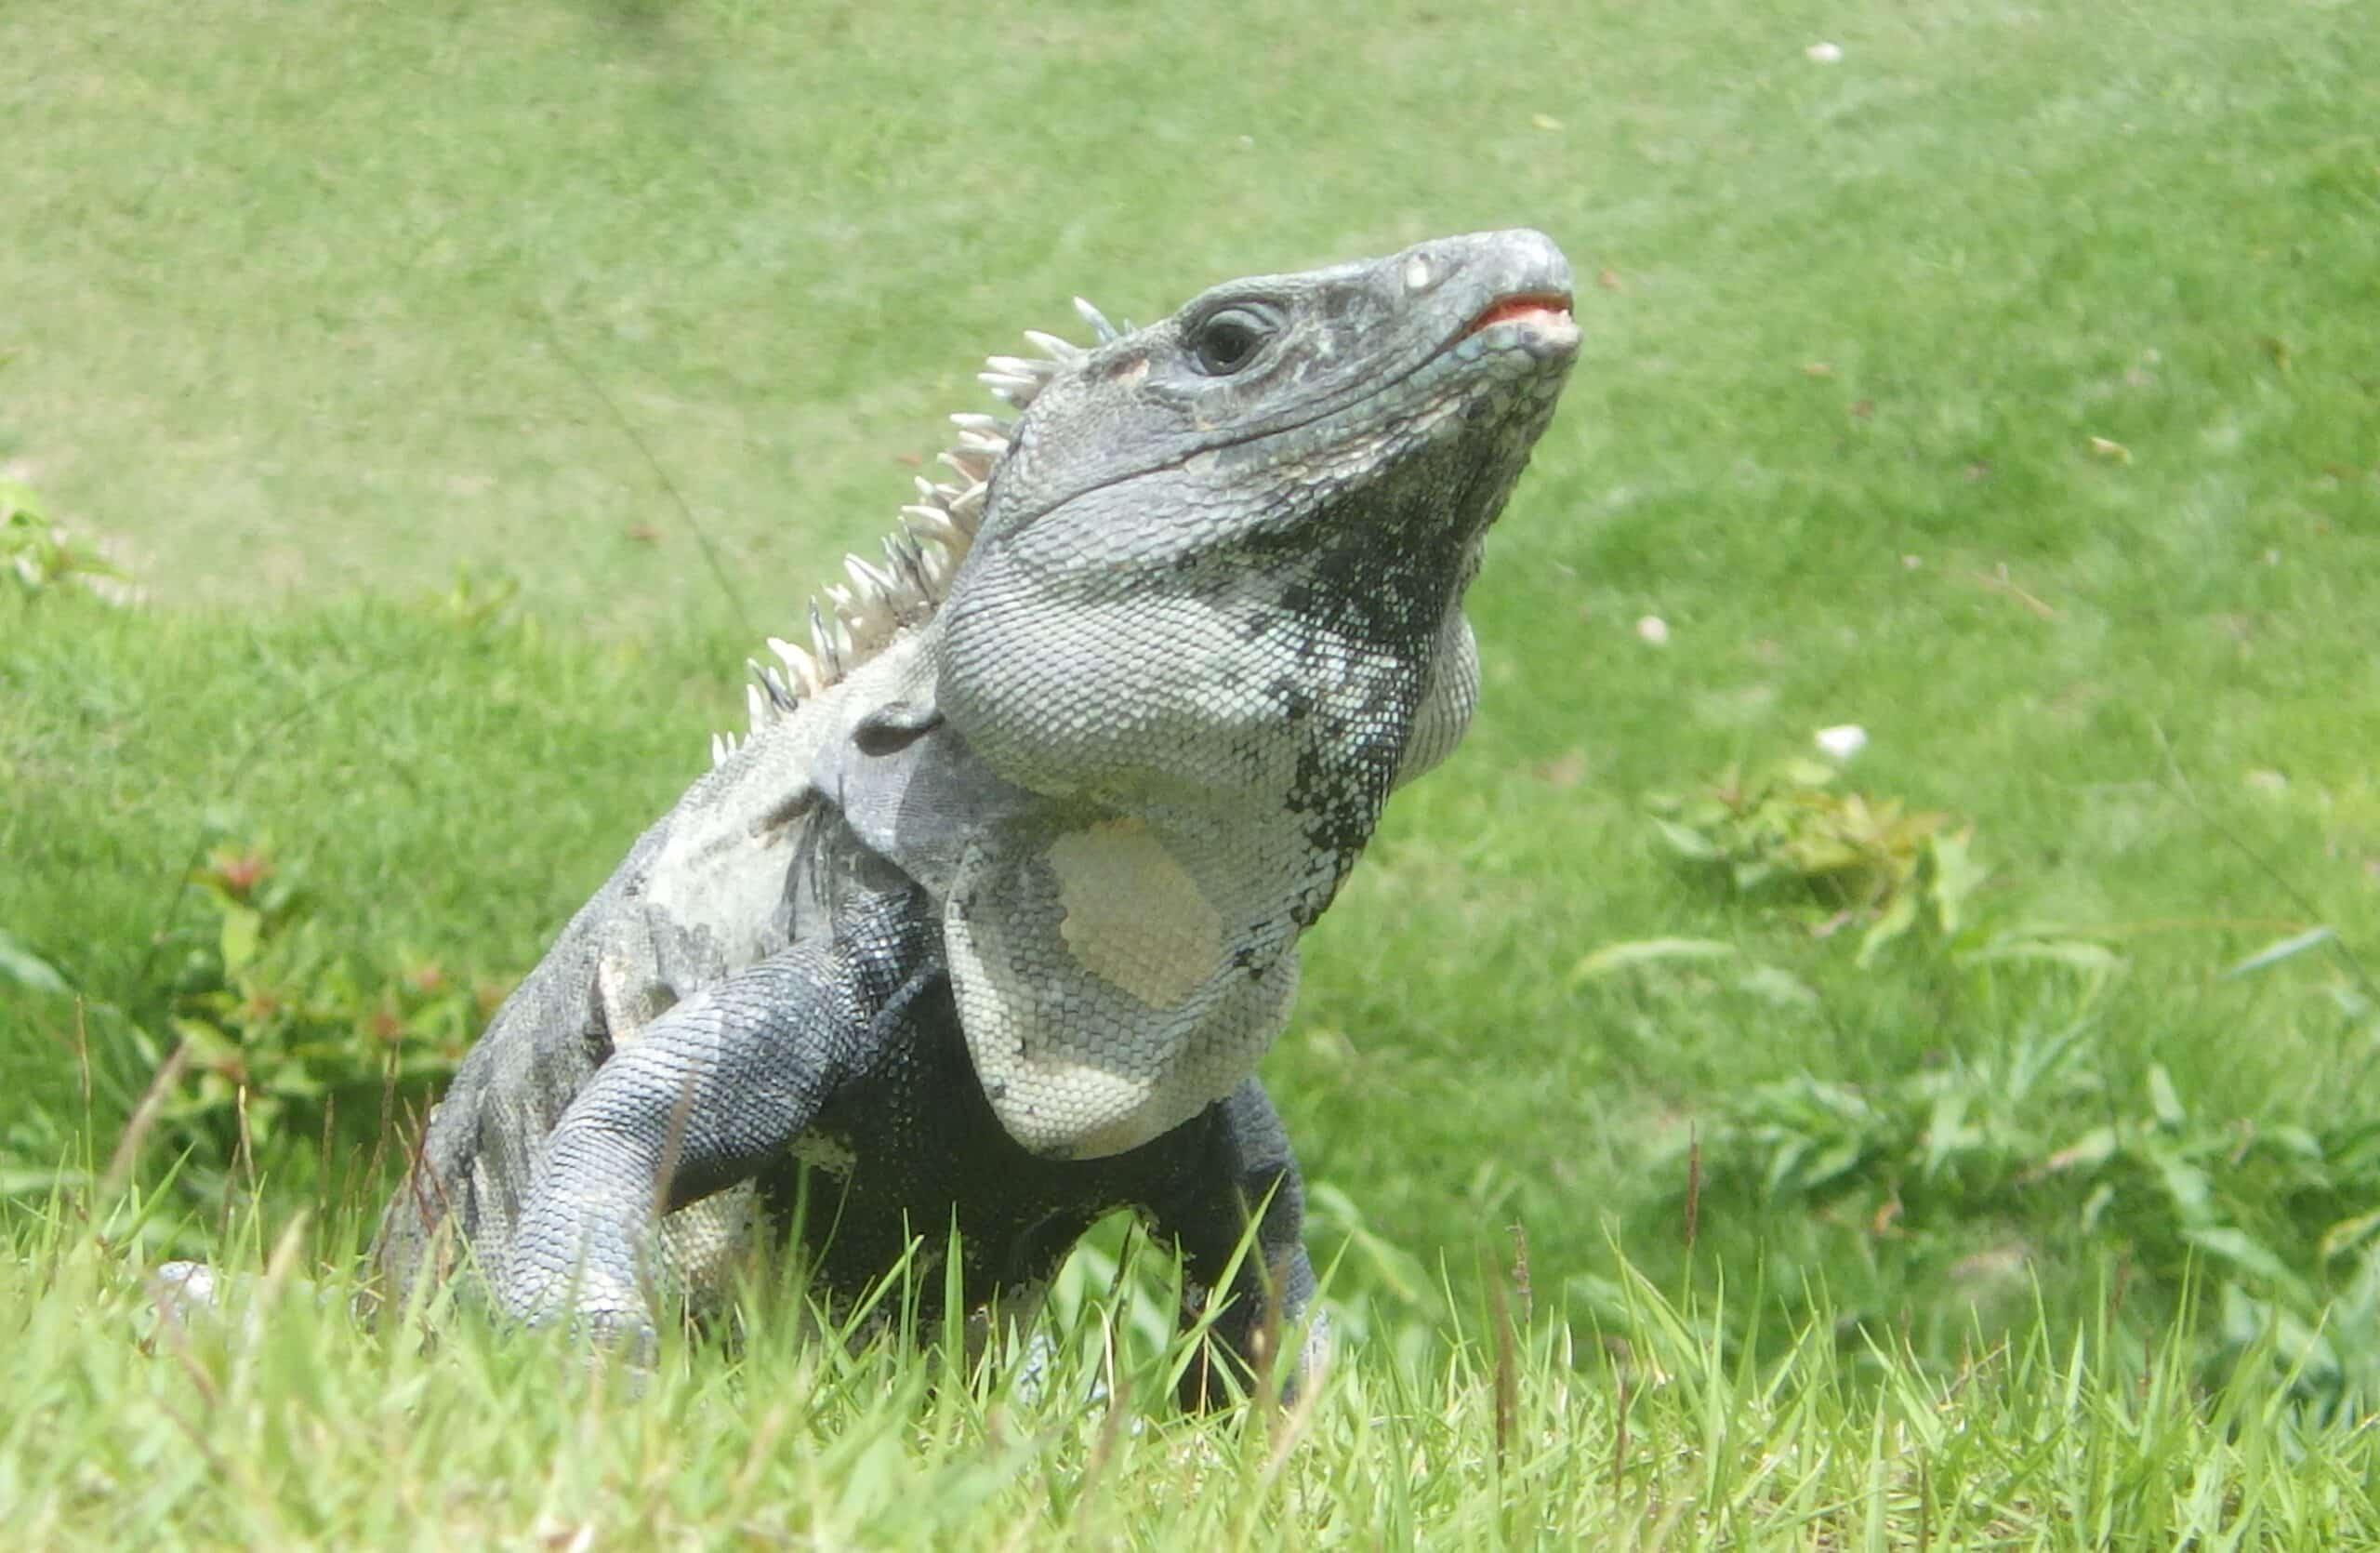 Iguana Trapper near me